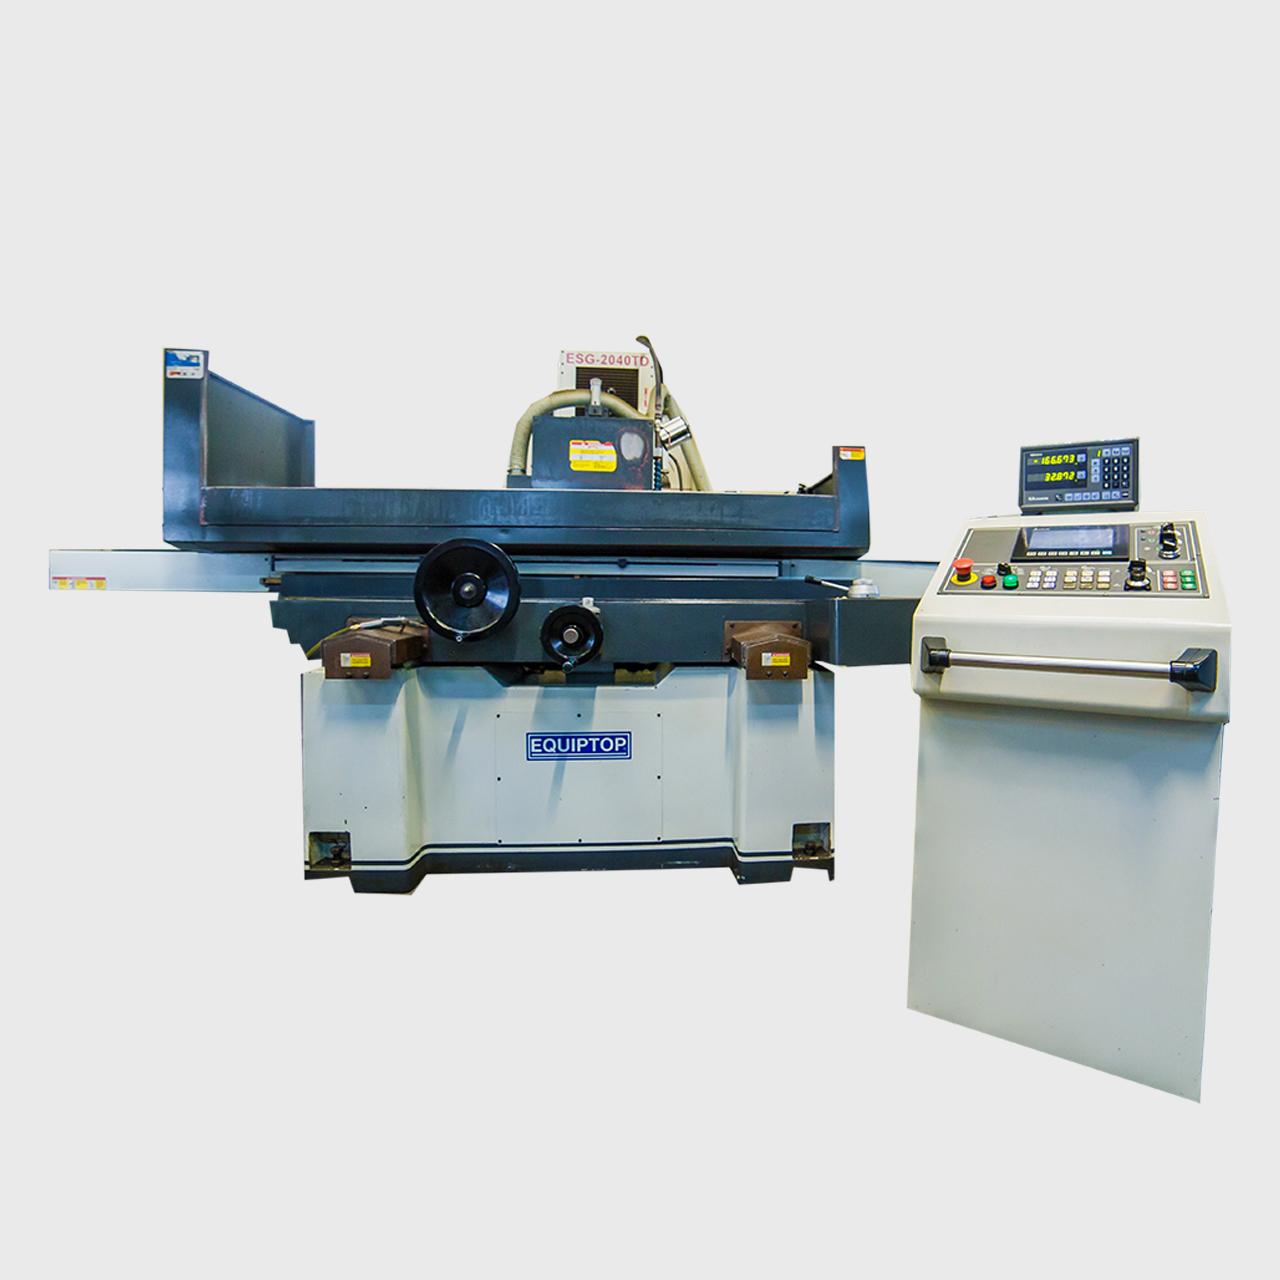 MAŞINA CNC RECTIFICAT PLAN EQUIPTOP ESG-2040TD